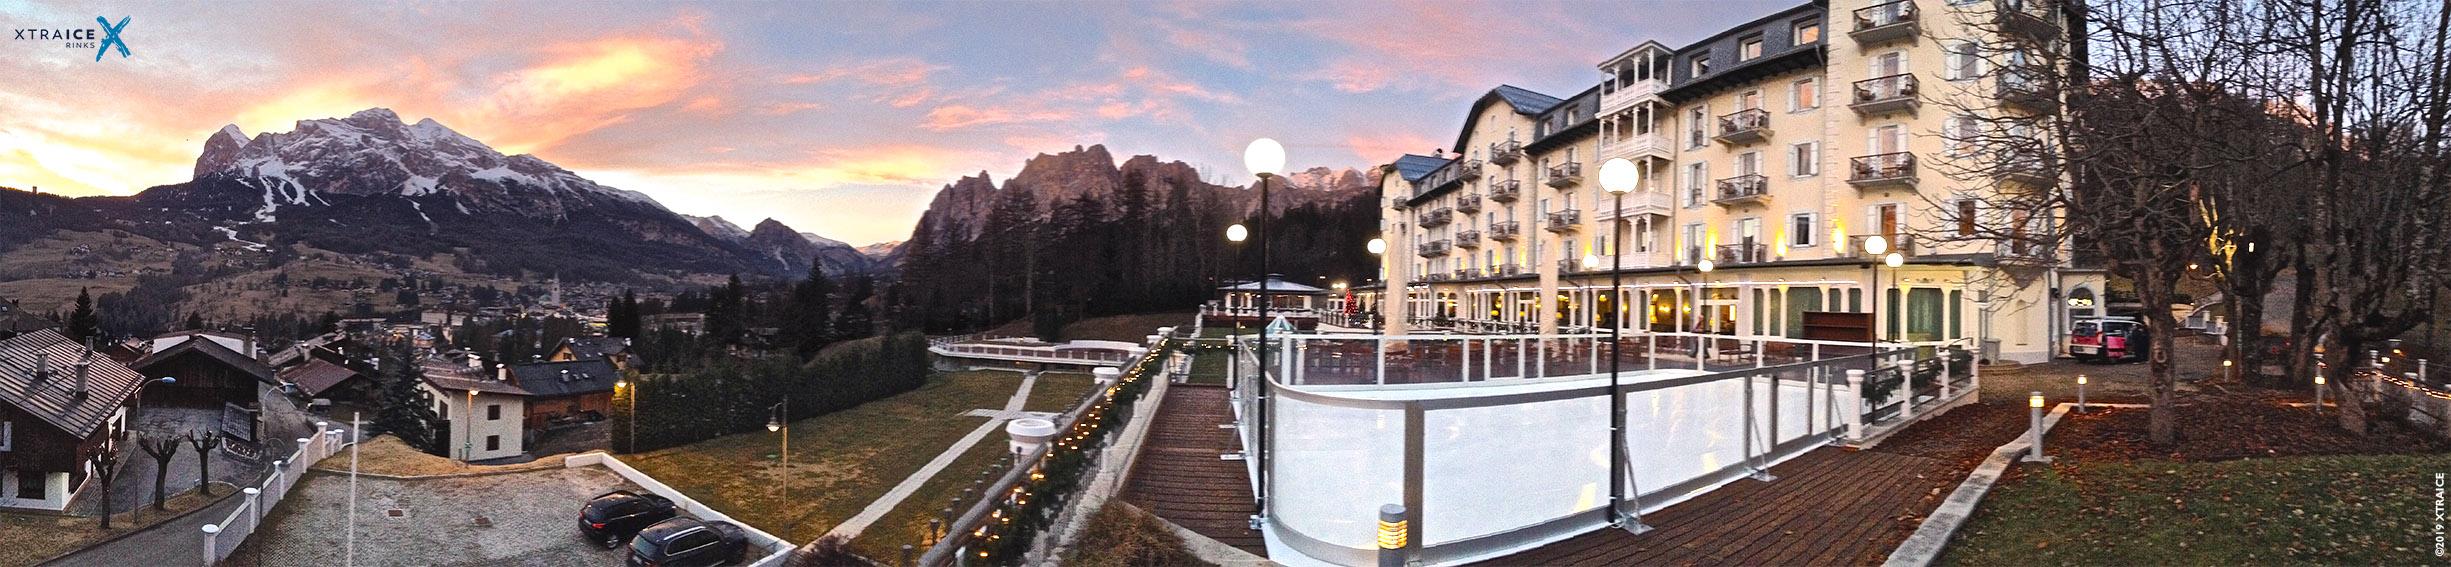 eisbahn-hotel-Cristallo-Cortina